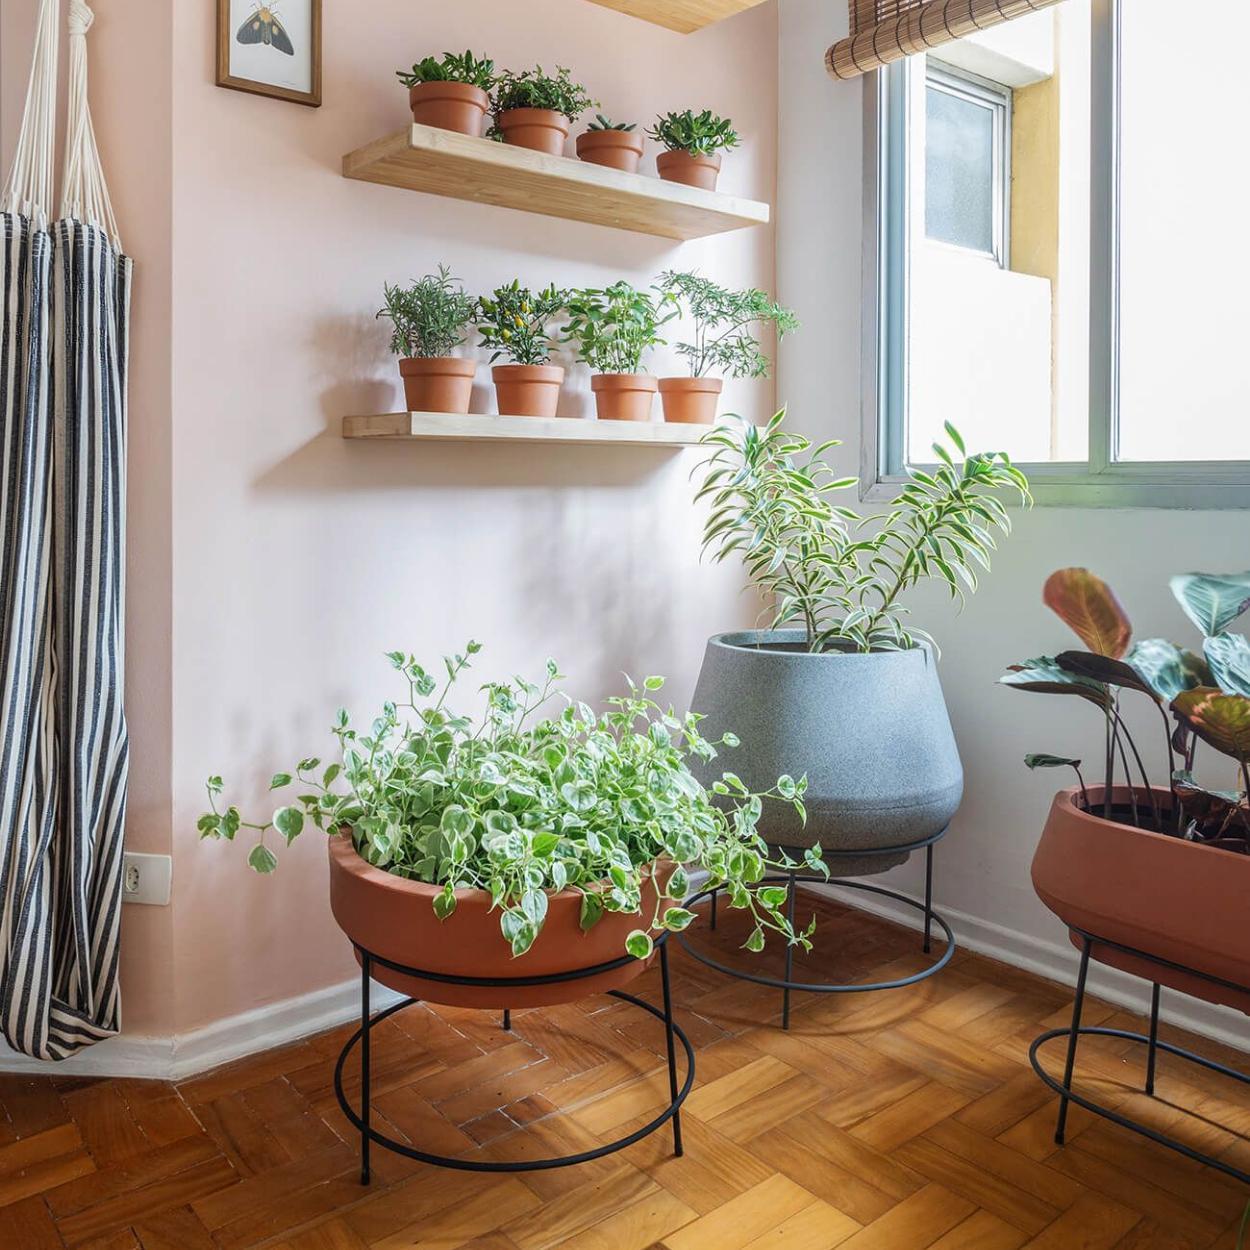 Avenca é opção de planta para quarto.